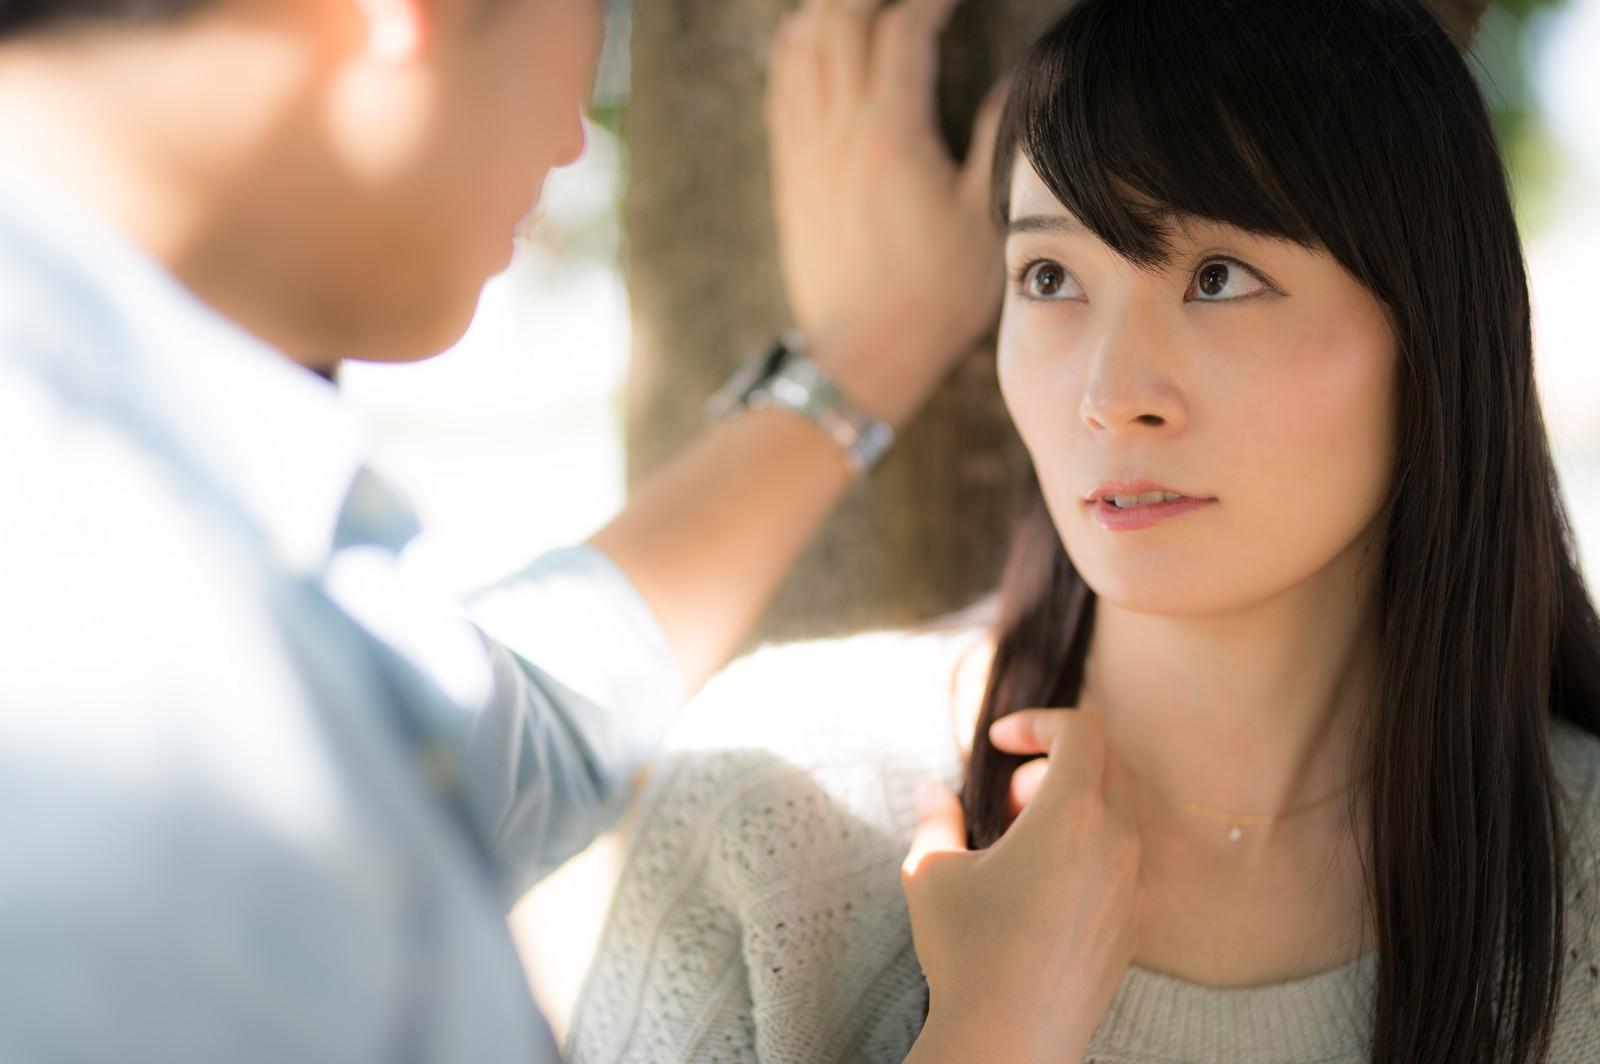 ▲▼傳聖經內容給女友(圖/Pakutaso)